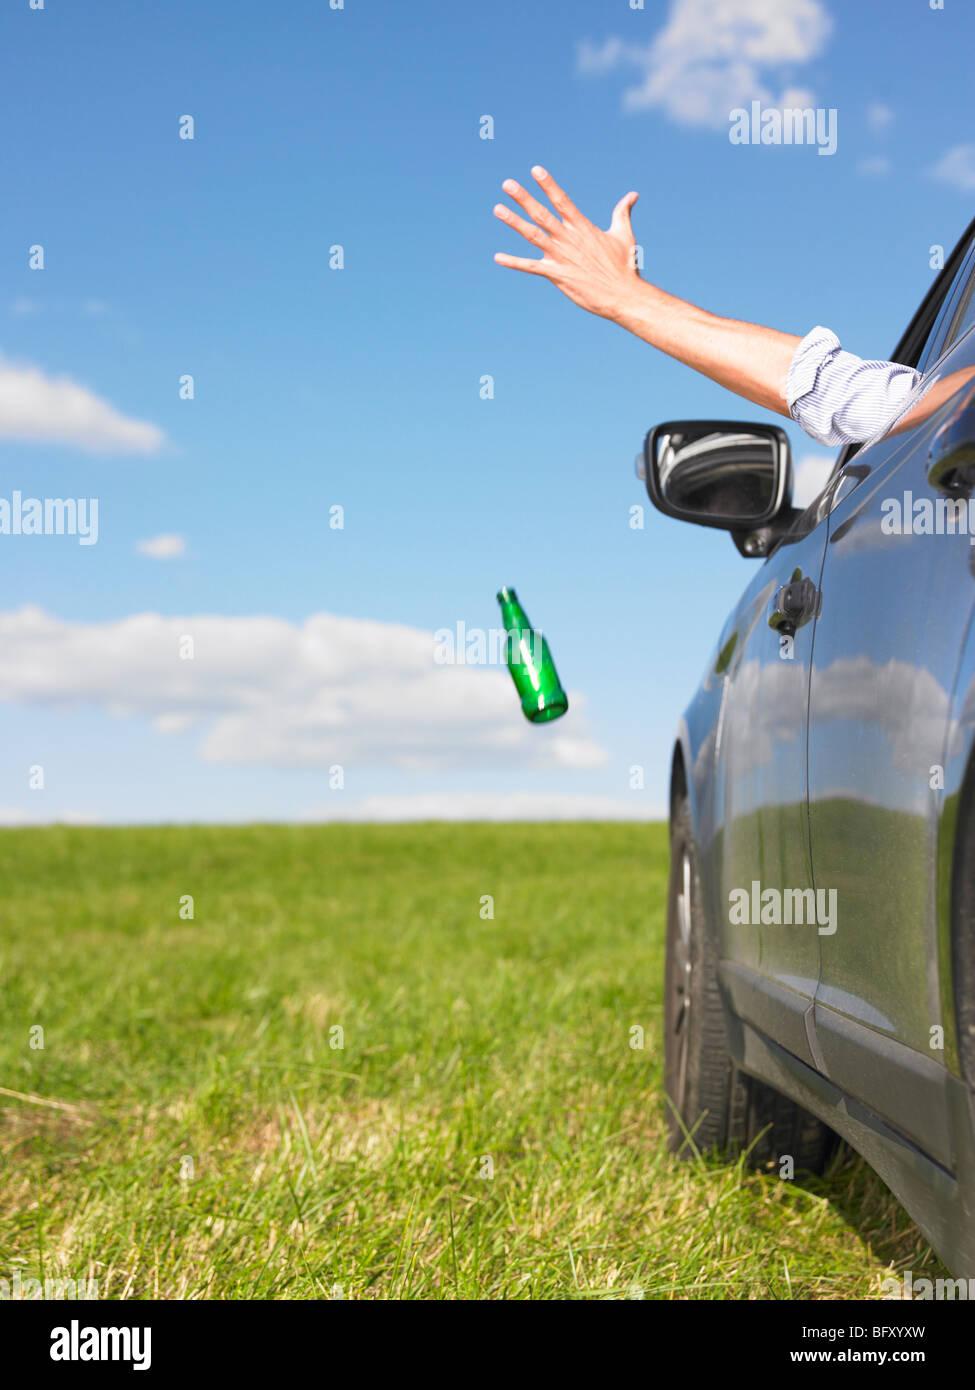 man throwing bottle away - Stock Image